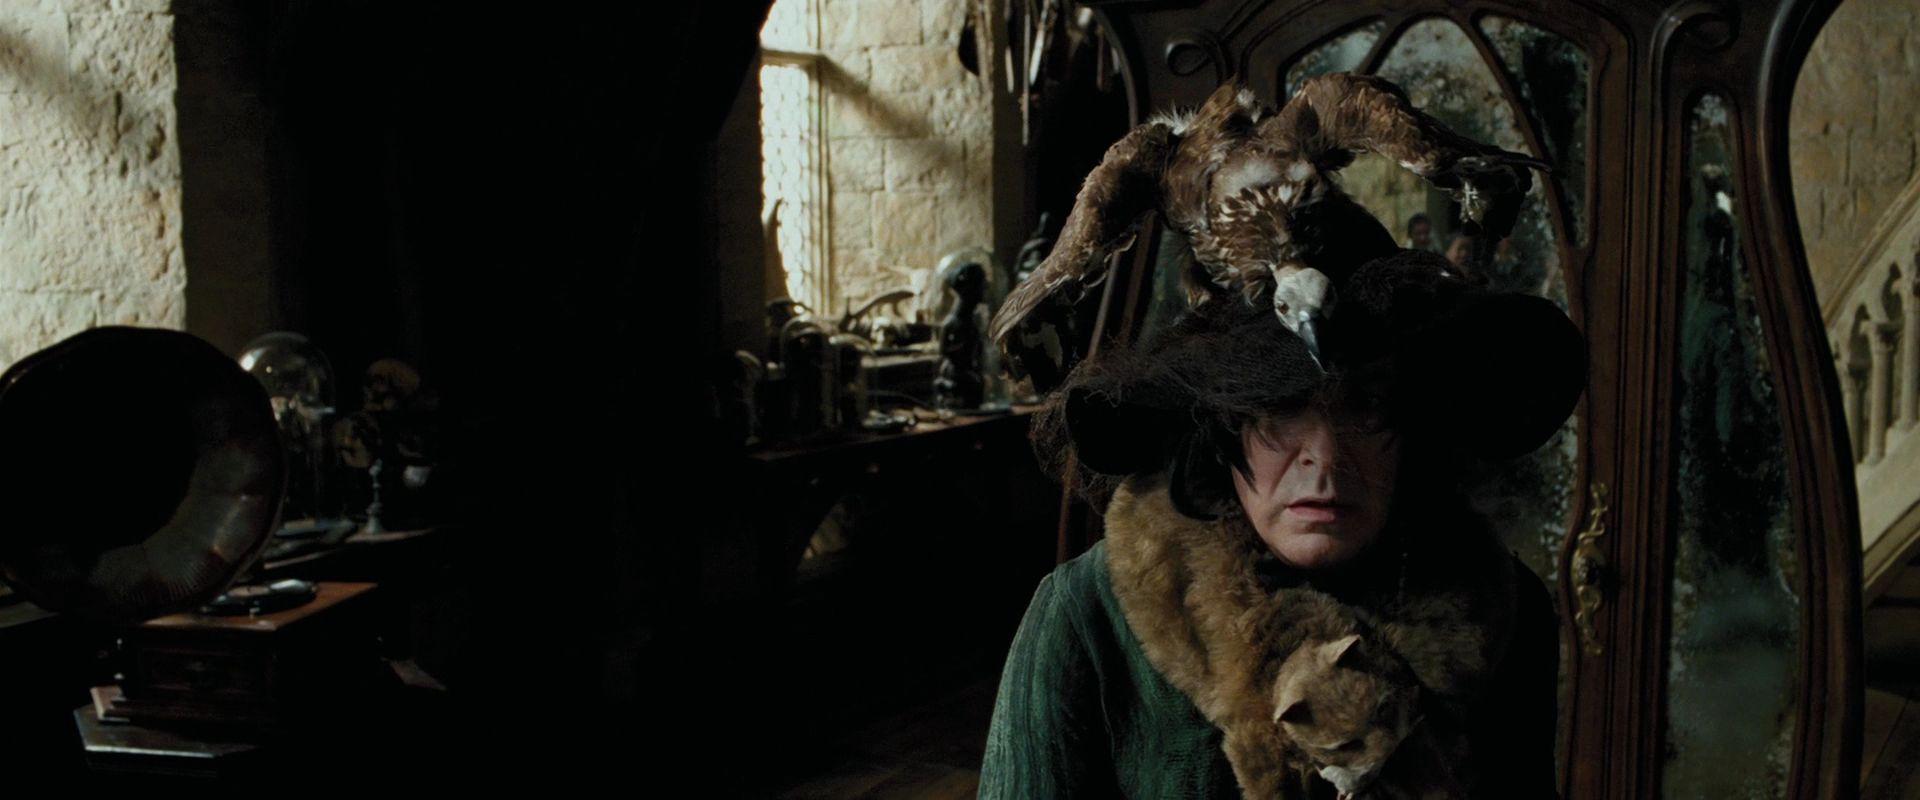 Гарри Поттер 9 Часть Трейлер